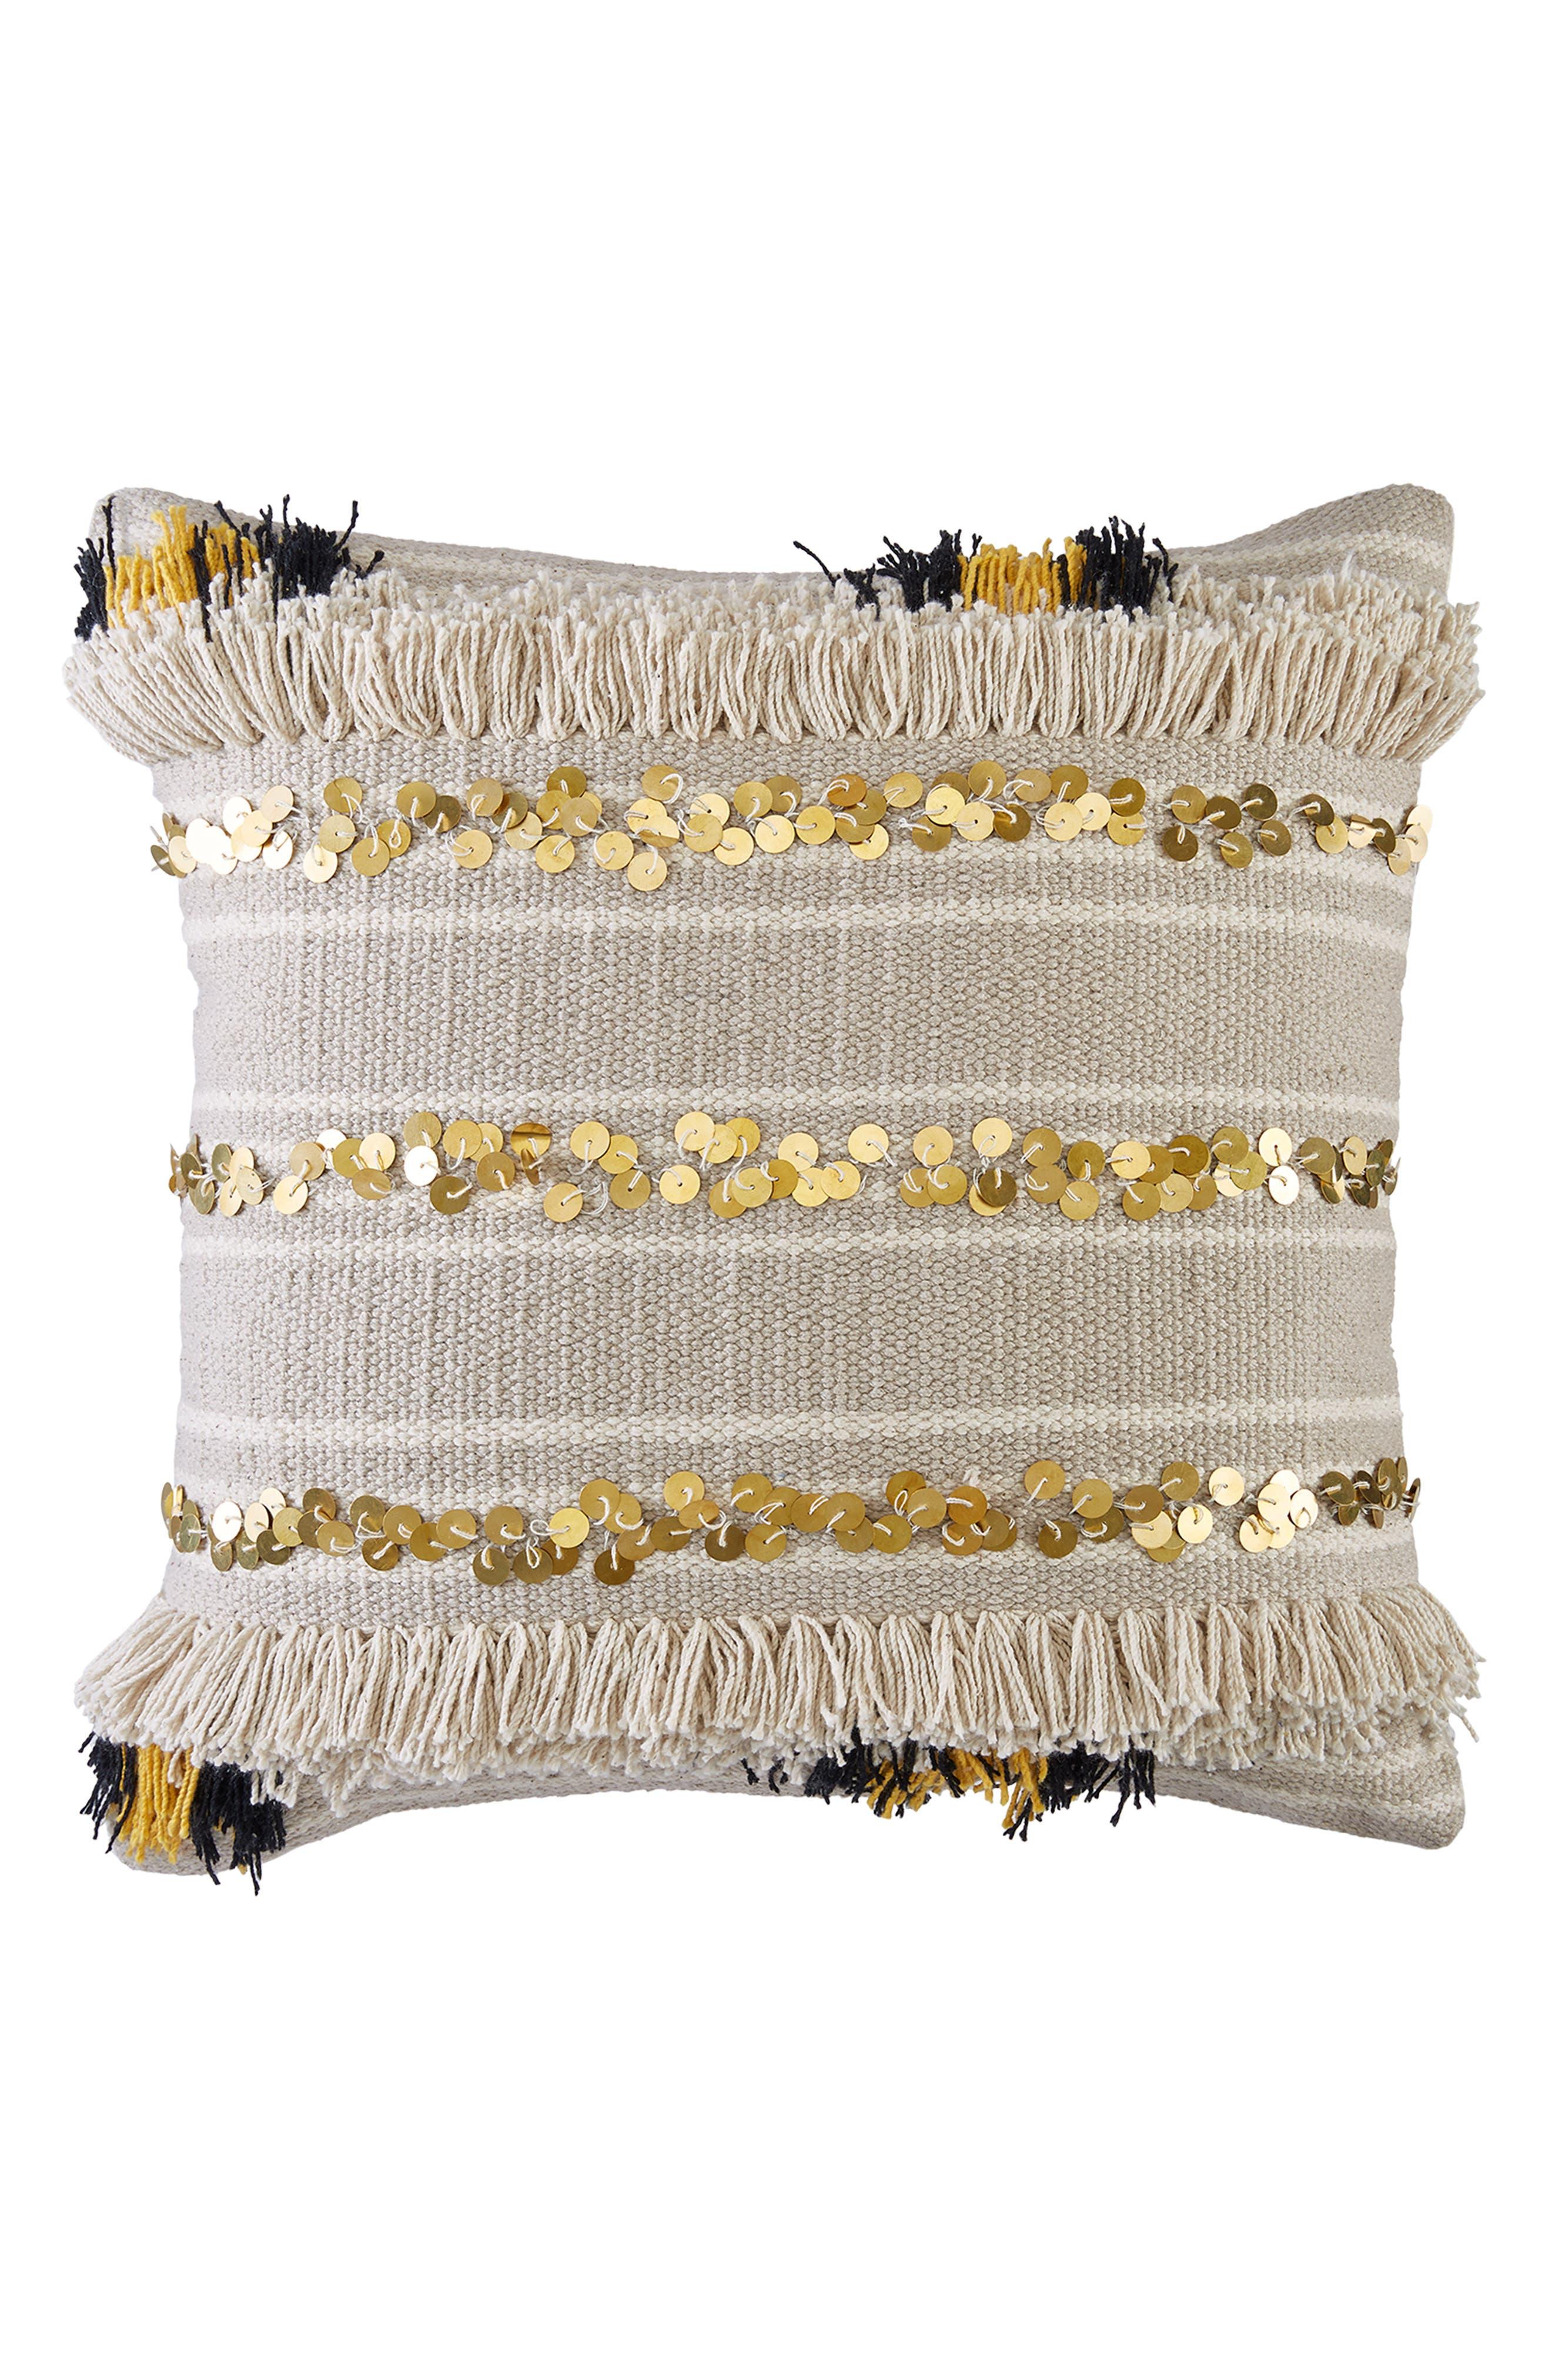 Moroccan Pailettes Accent Pillow,                         Main,                         color, 130